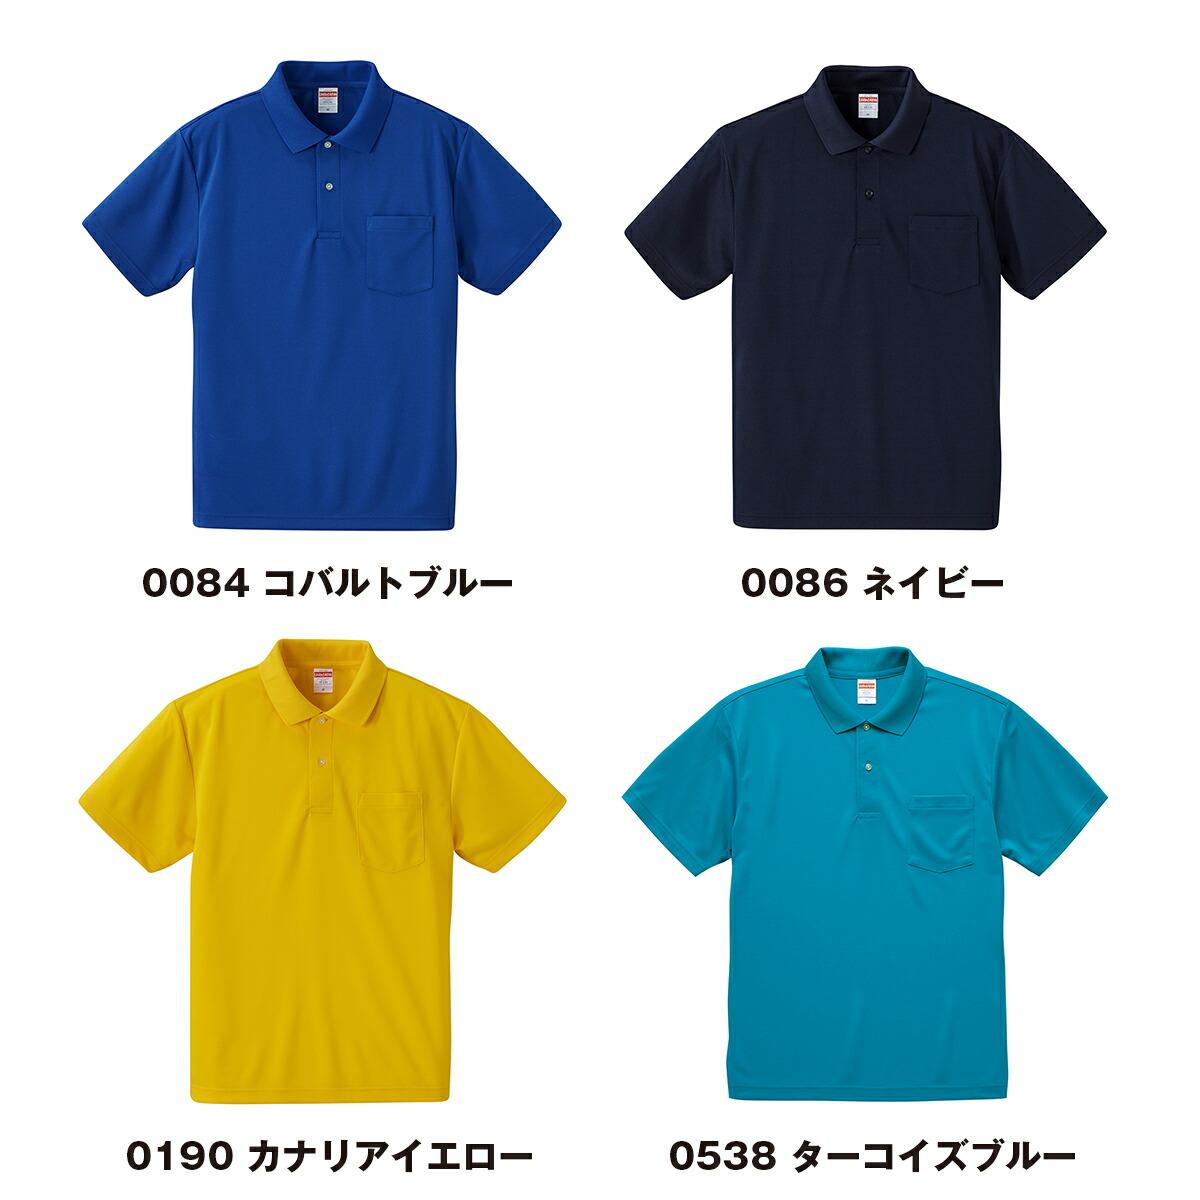 4.1オンス ドライアスレチック ポロシャツ (ポケット付)